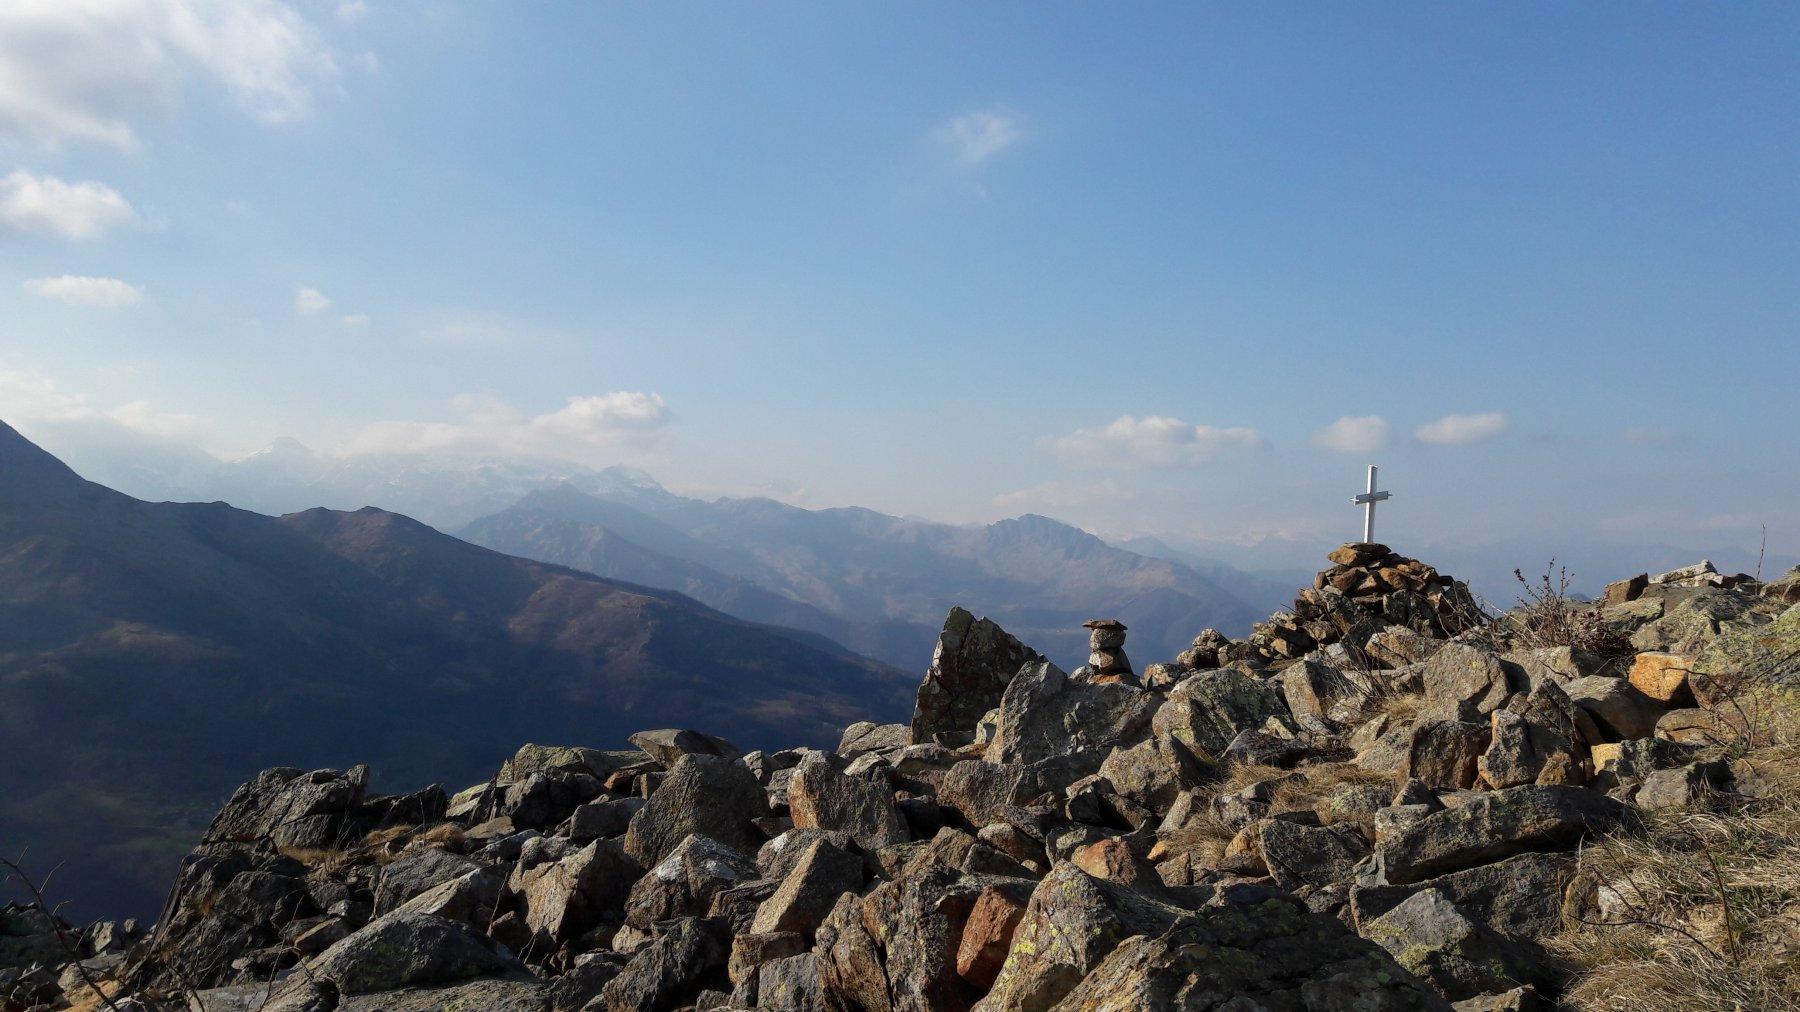 Panorama verso l'inizio della val di Viù, al centro la Rpcca Moross